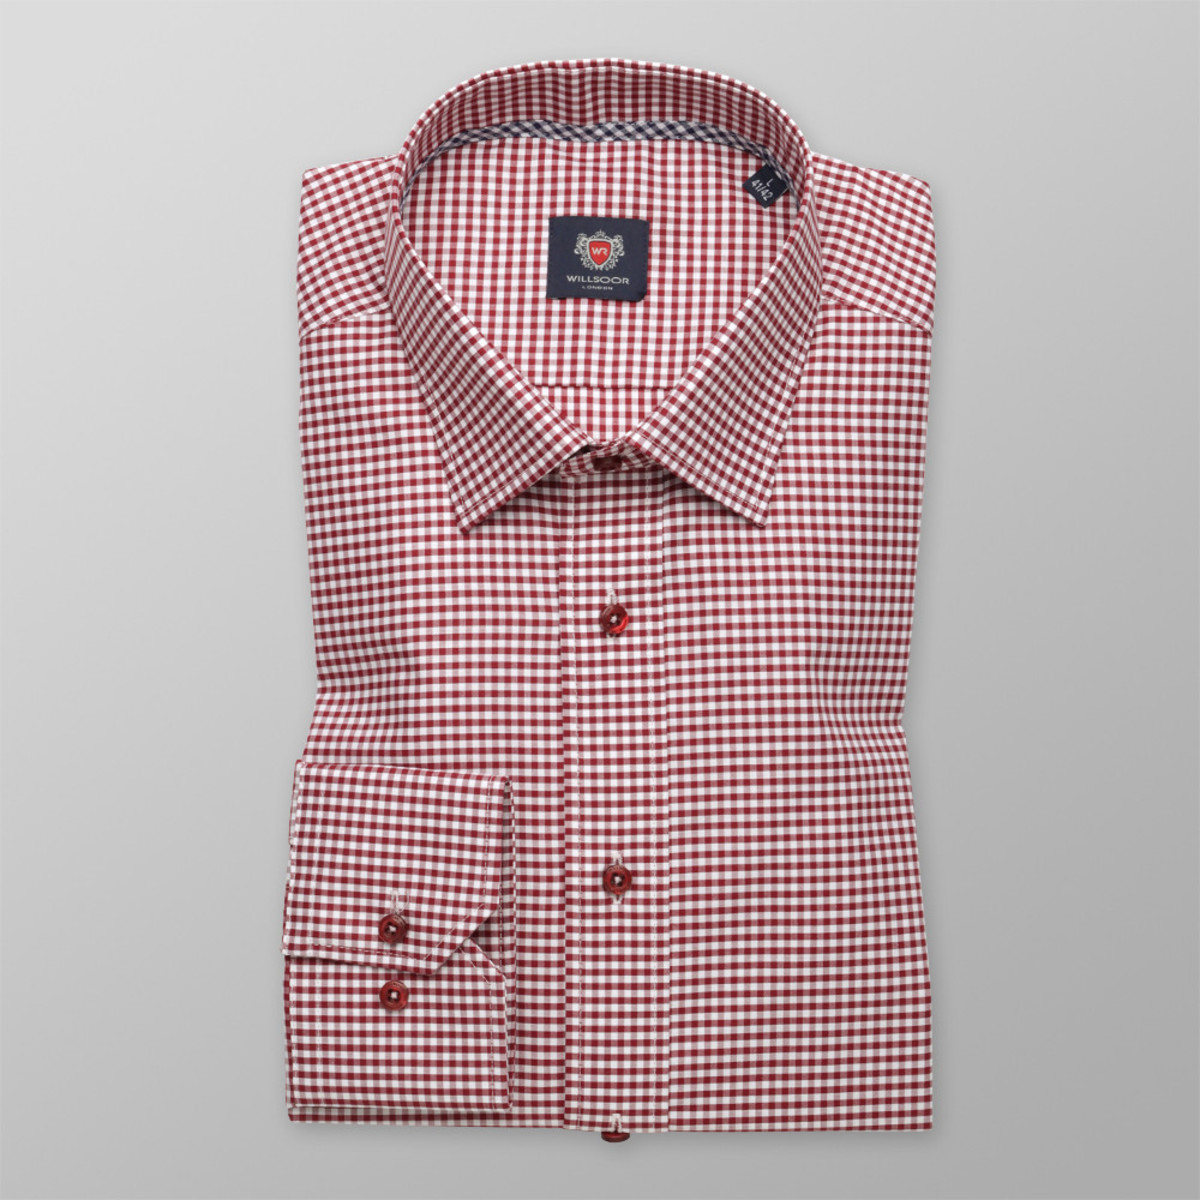 Košile London vzor gingham (výška 176-182) 9929 176-182 / M (39/40)